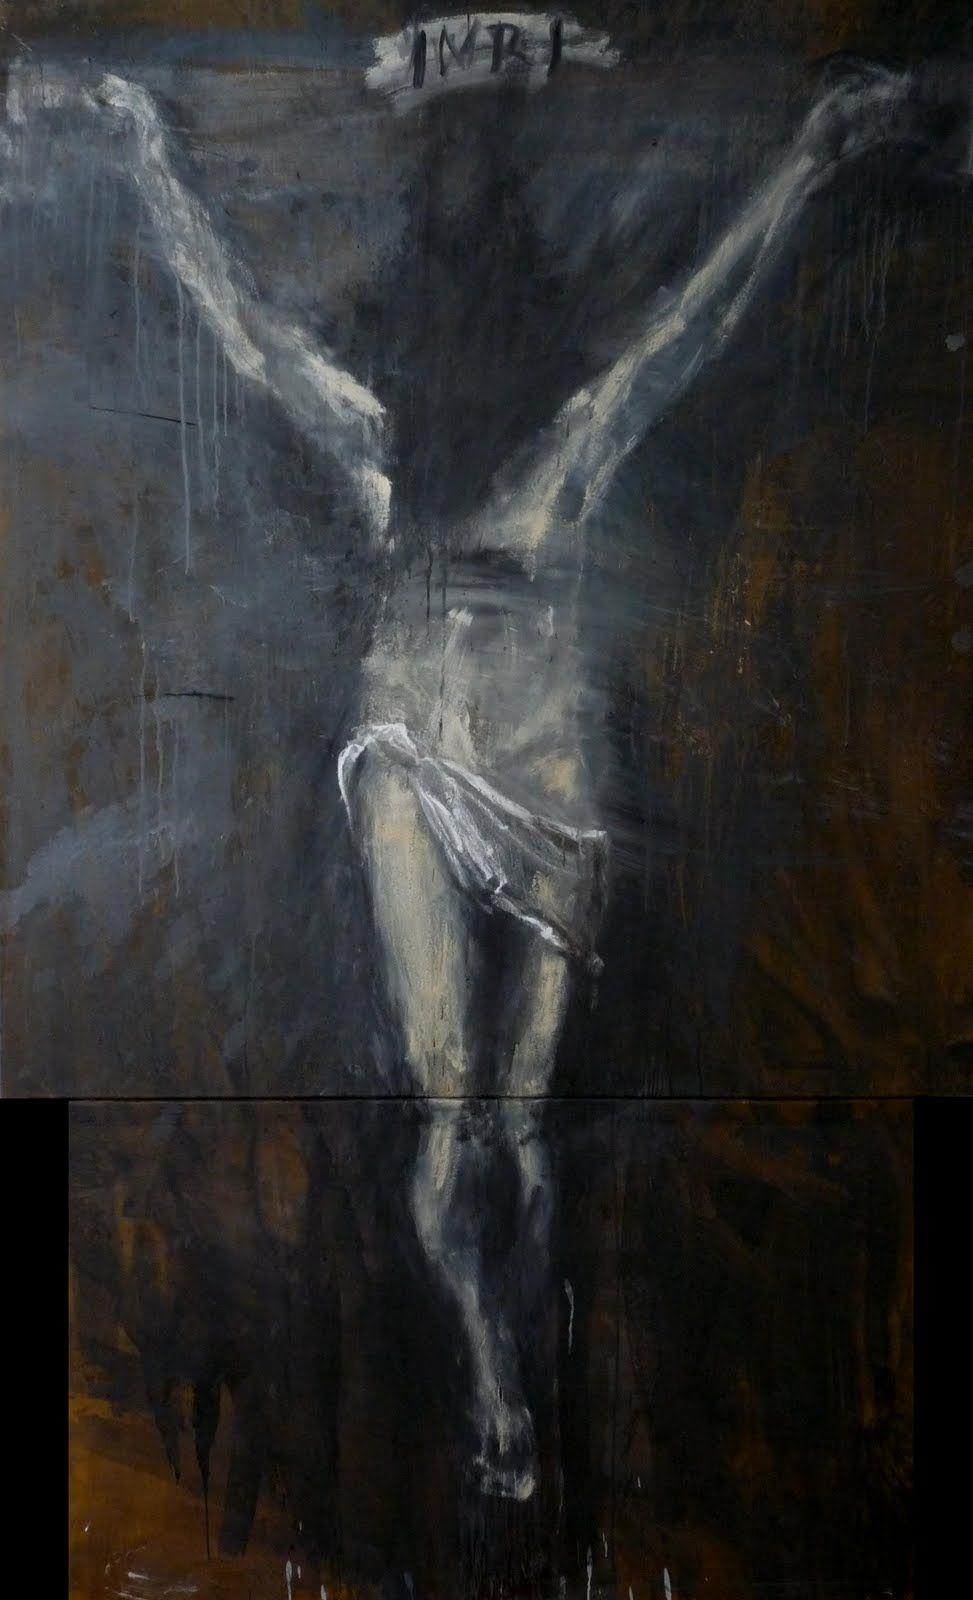 2011 Cristo crucificado (Juan toledano)